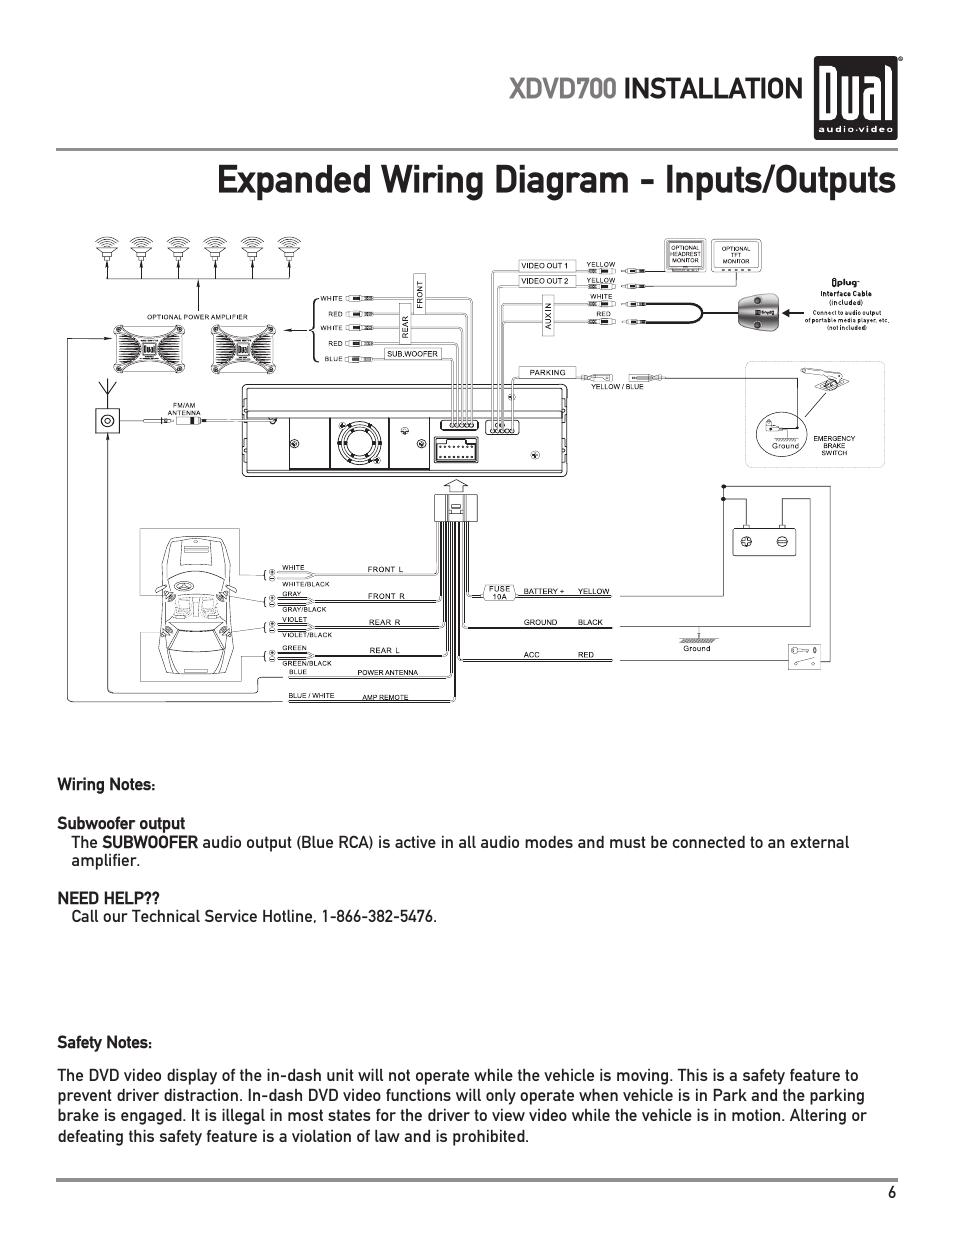 1998 arctic cat zl 500 wiring diagram 1998 polaris magnum